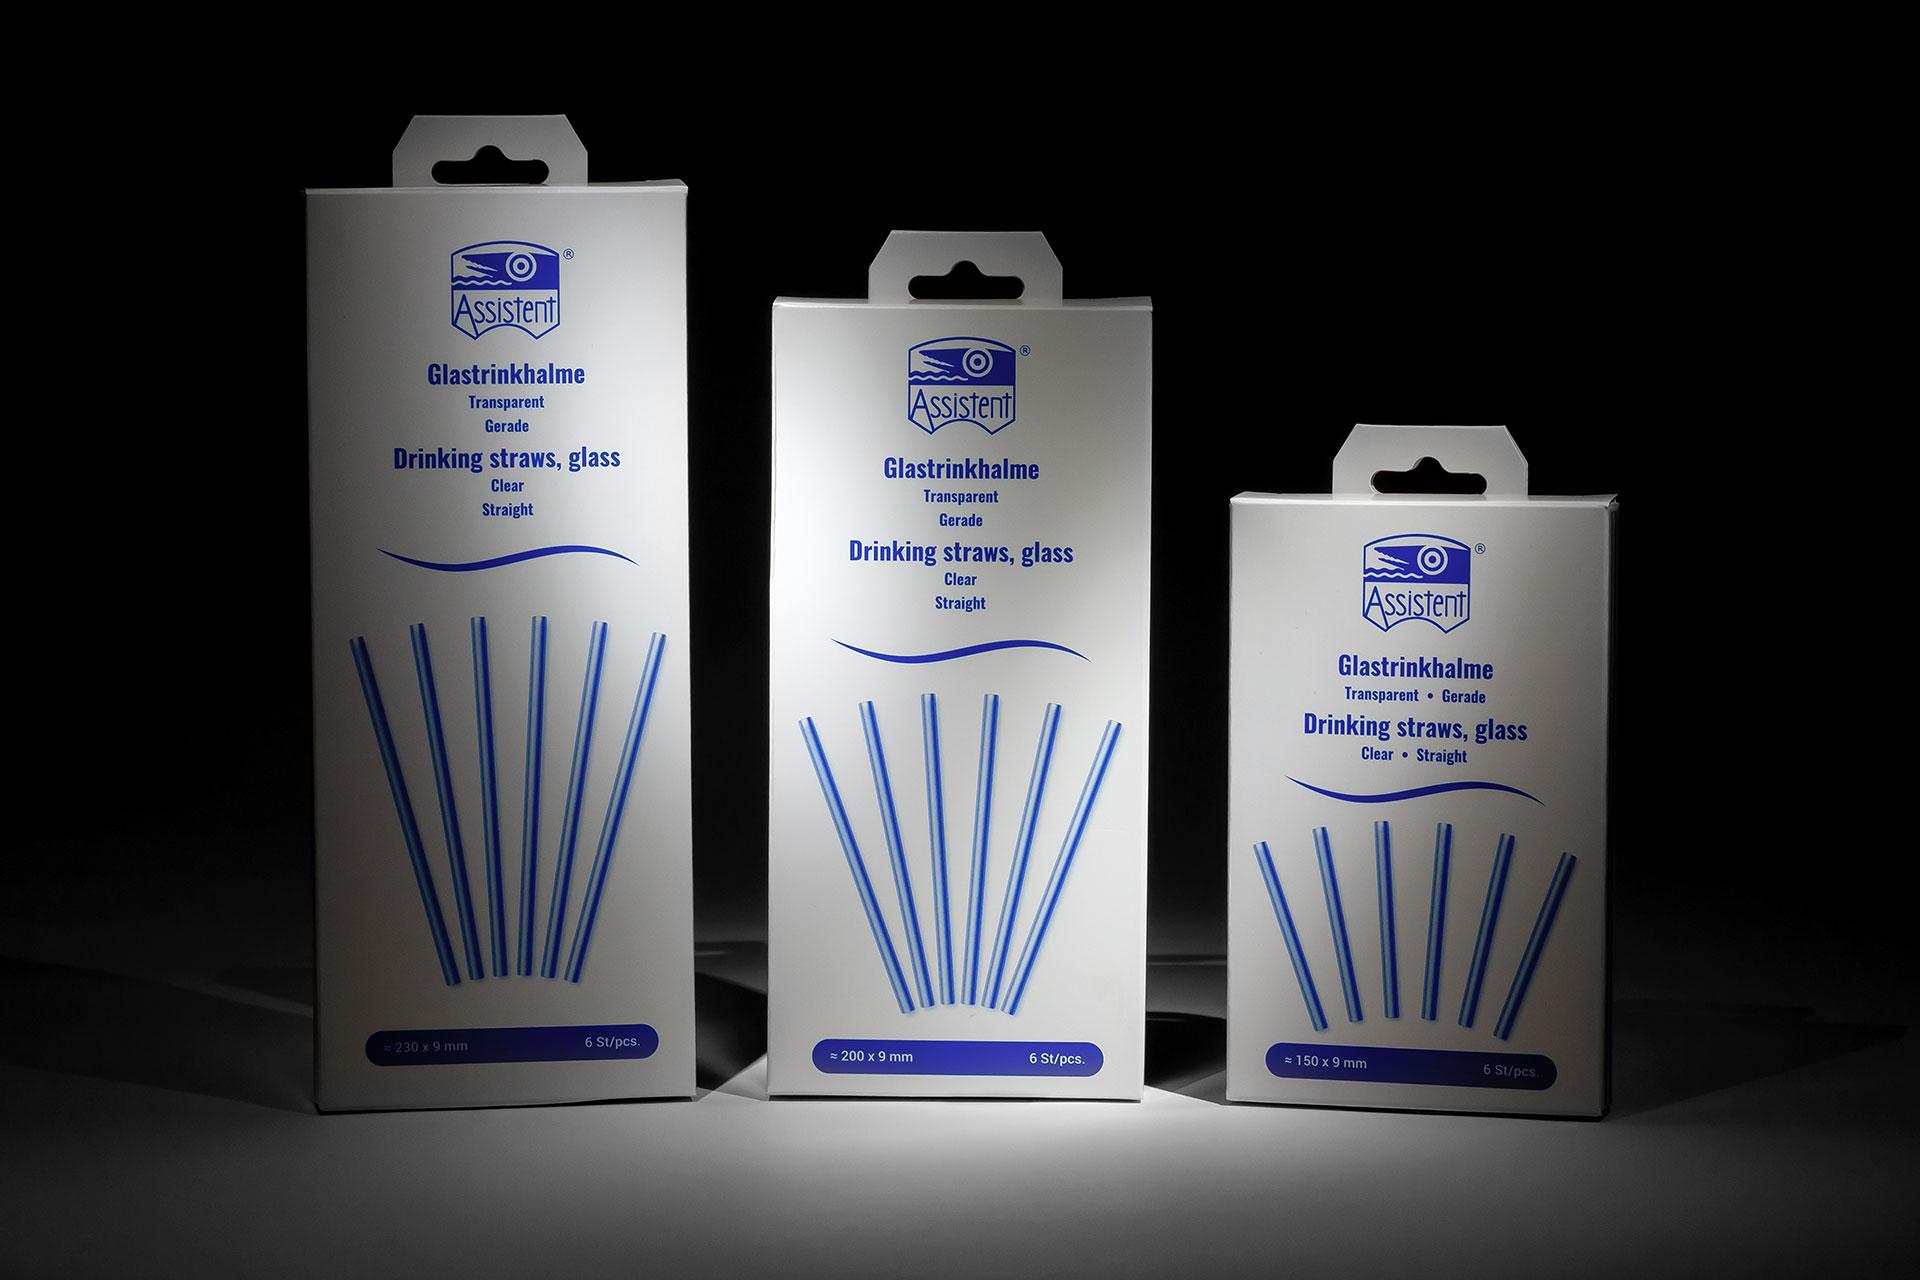 Verpackungen für Glastrinkhalme in 3 verschiedenen Größen